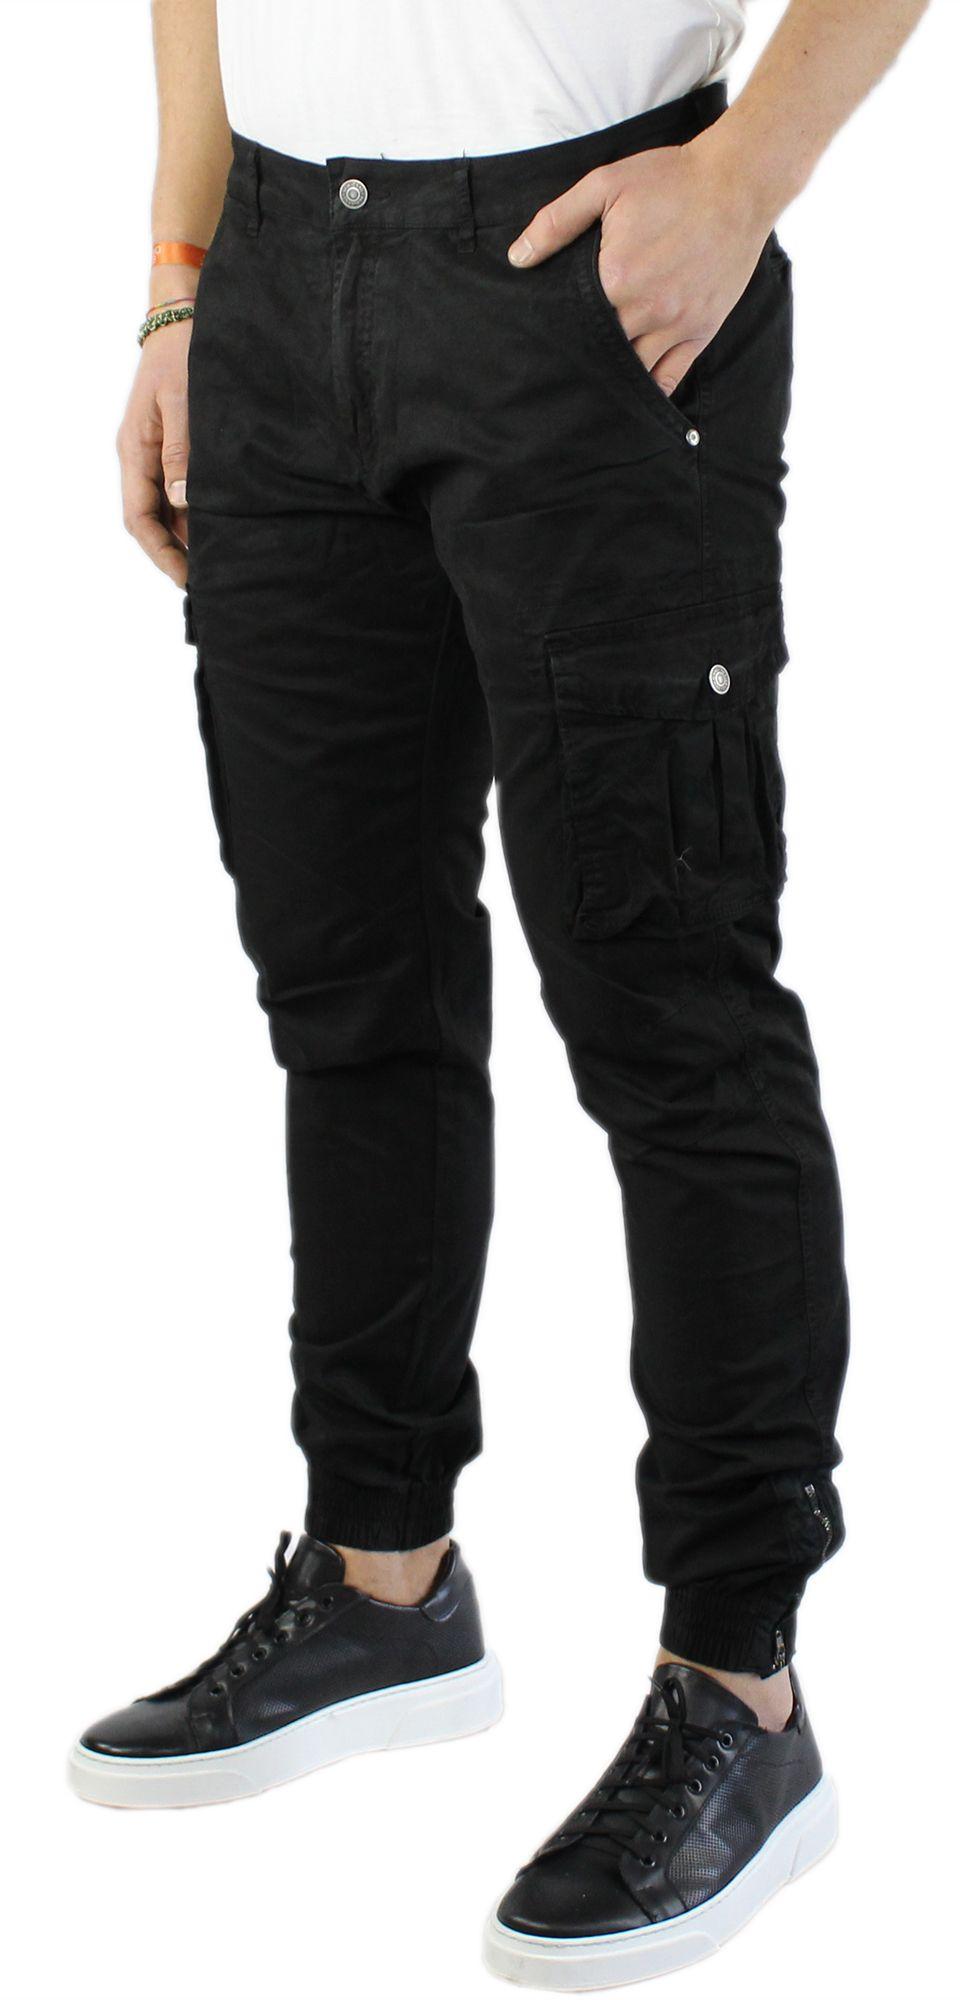 Pantaloni-Uomo-Cargo-in-Cotone-Pantalone-Tasconi-Laterali-Slim-Fit-Leggero miniatura 12